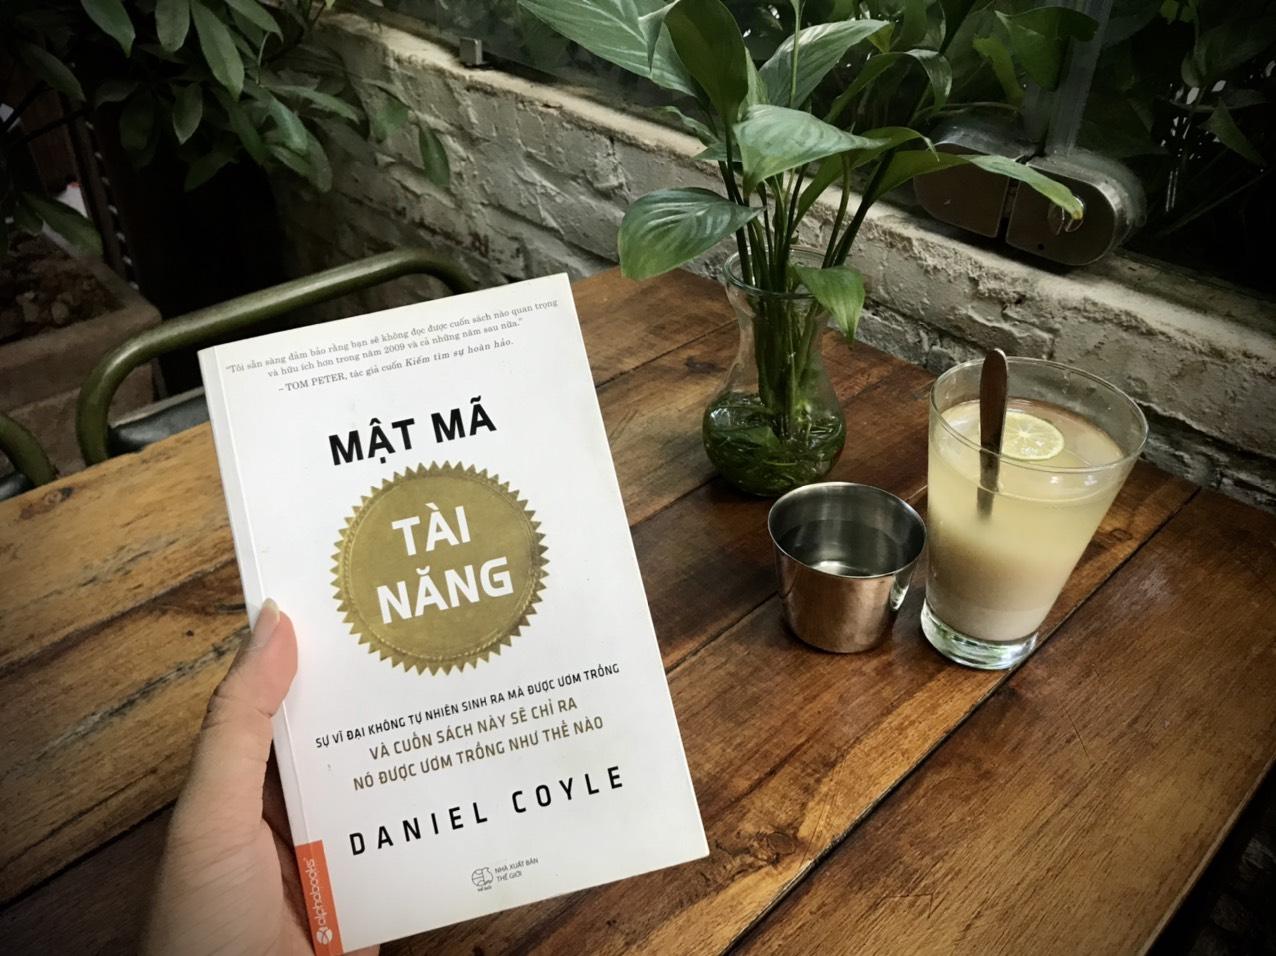 [Review Sách] Mật Mã Tài Năng của Daniel Coyle: Thiên tài không tự nhiên sinh ra mà được ươm trồng.